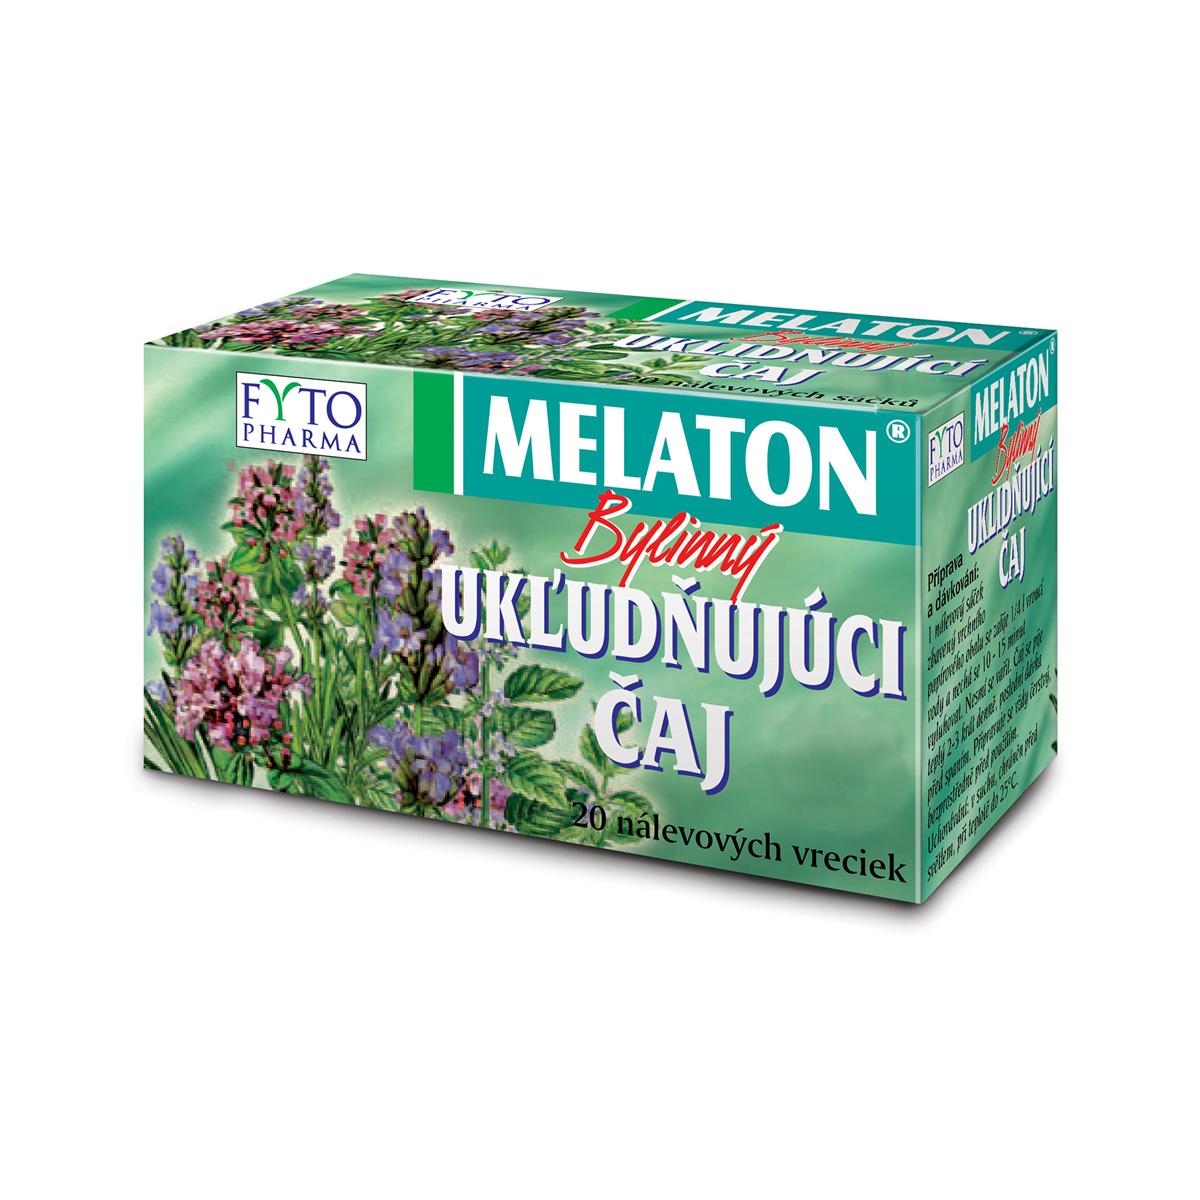 Fytopharma MELATON® bylinný uklidňující čaj 20 x 1,5 g